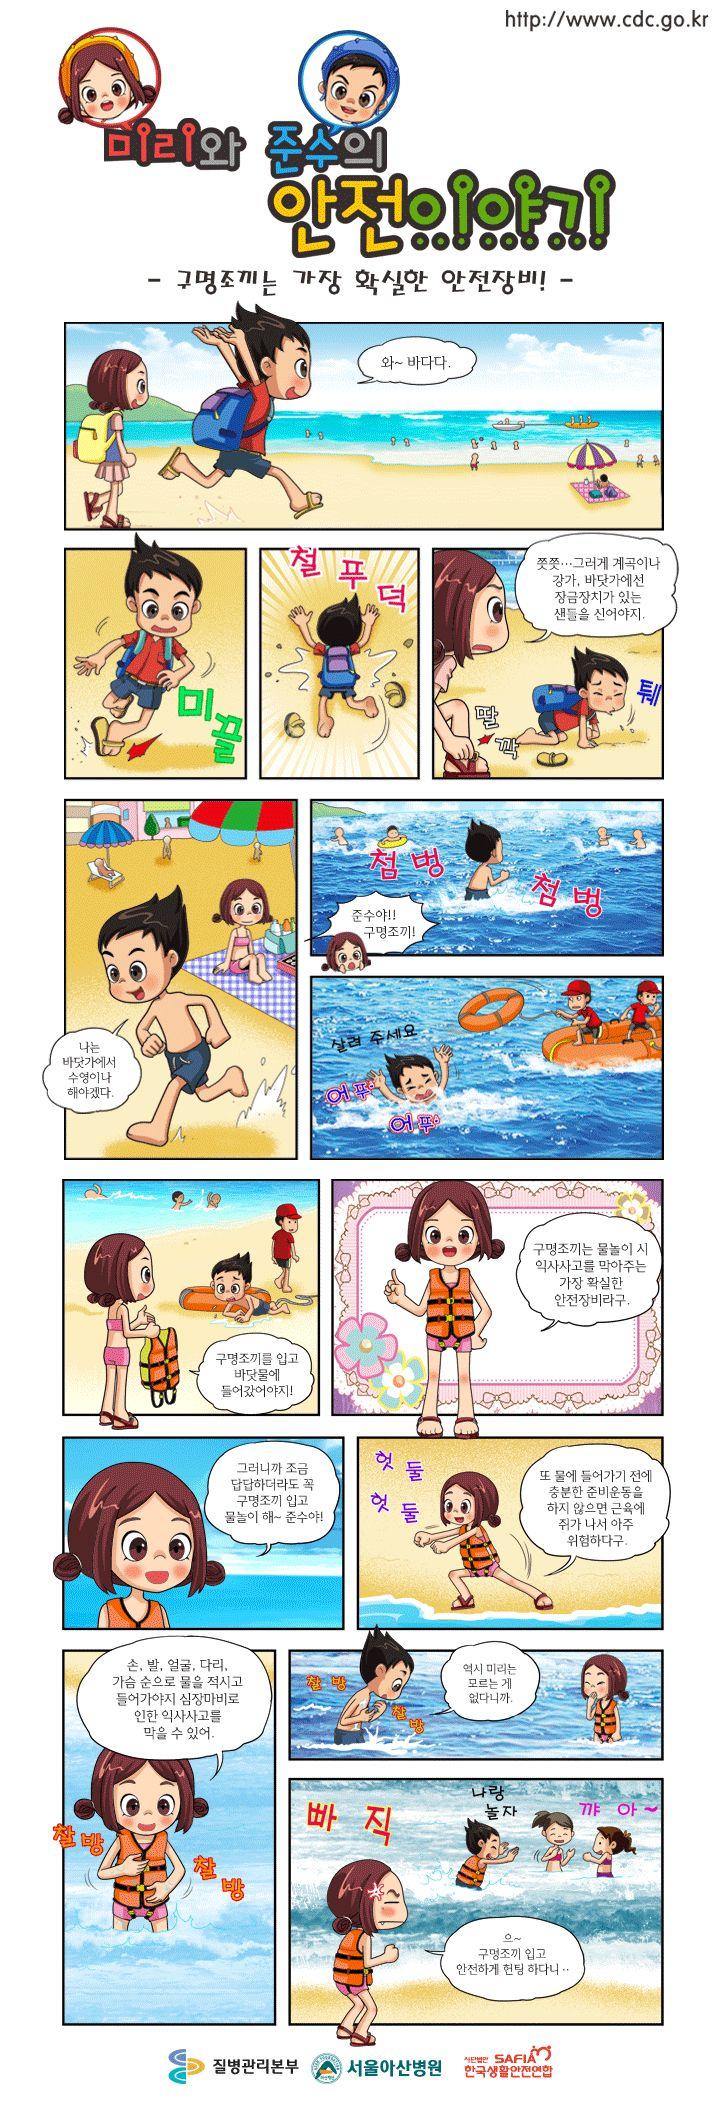 손상예방을 위한 어린이 안전가이드라인_물놀이안전(웹툰)